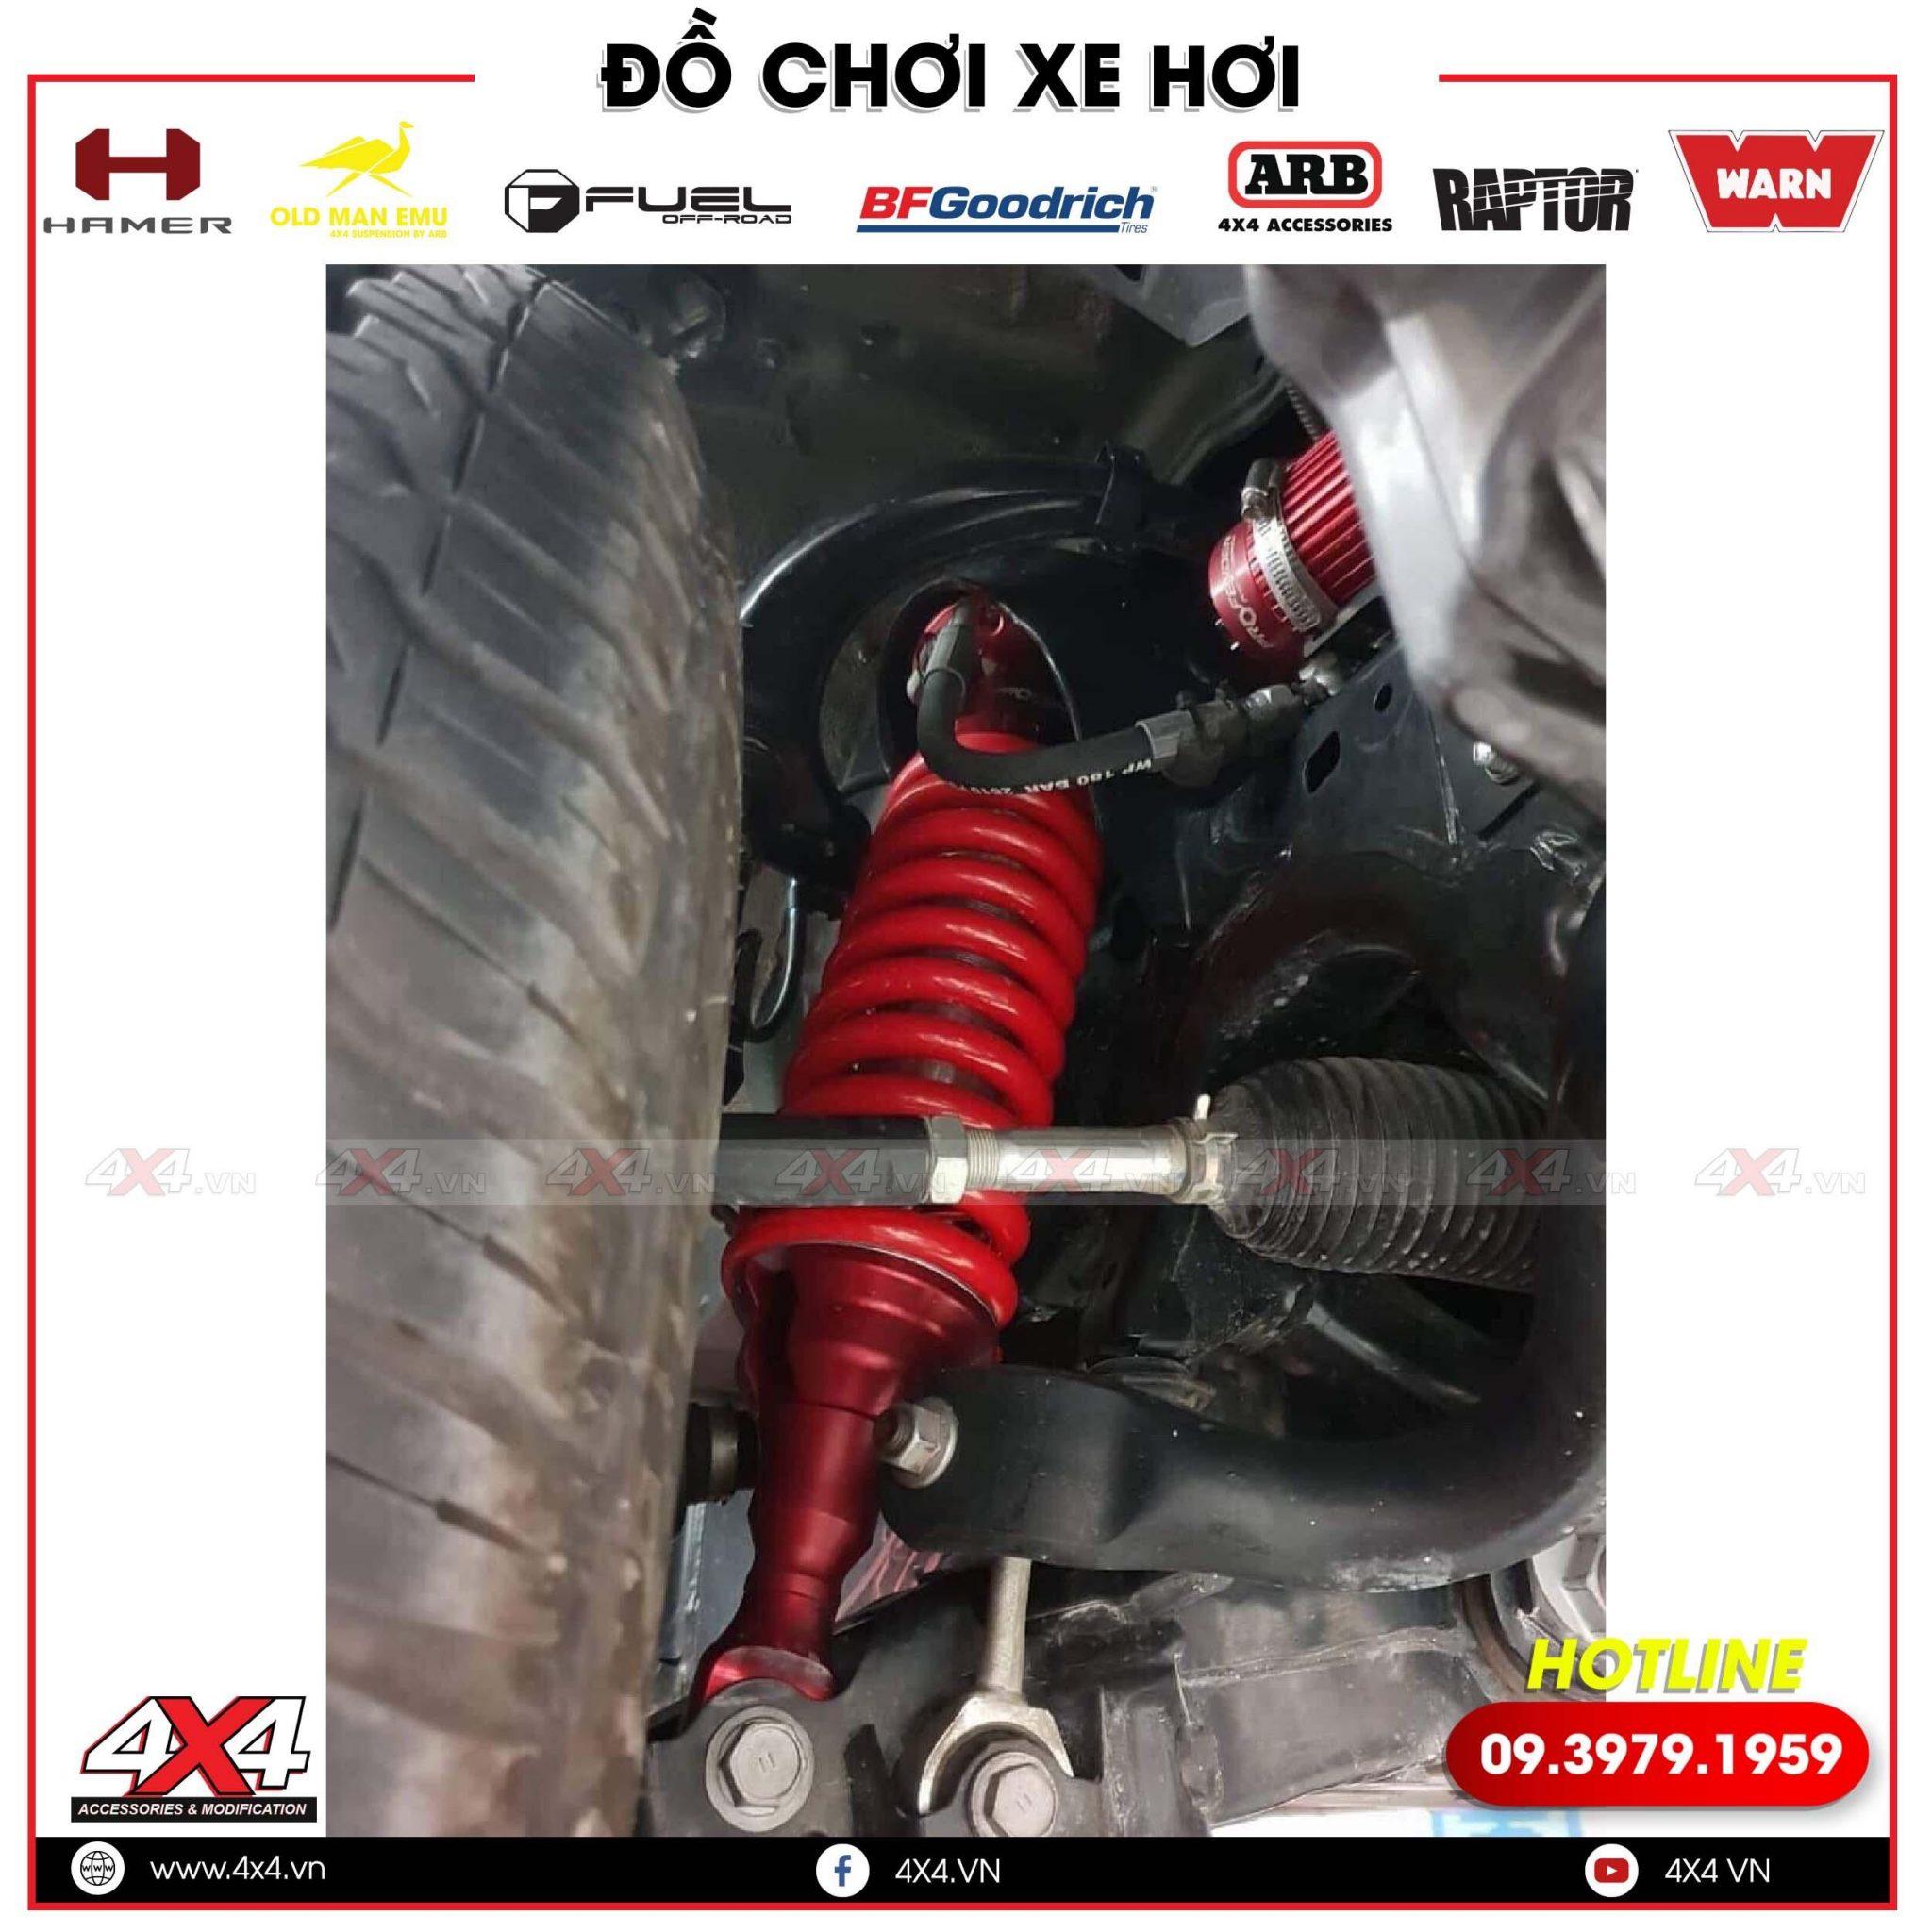 Phuộc Profender Mazda BT50 Hàng Chất Giá Ngon tại Workshop 4x4